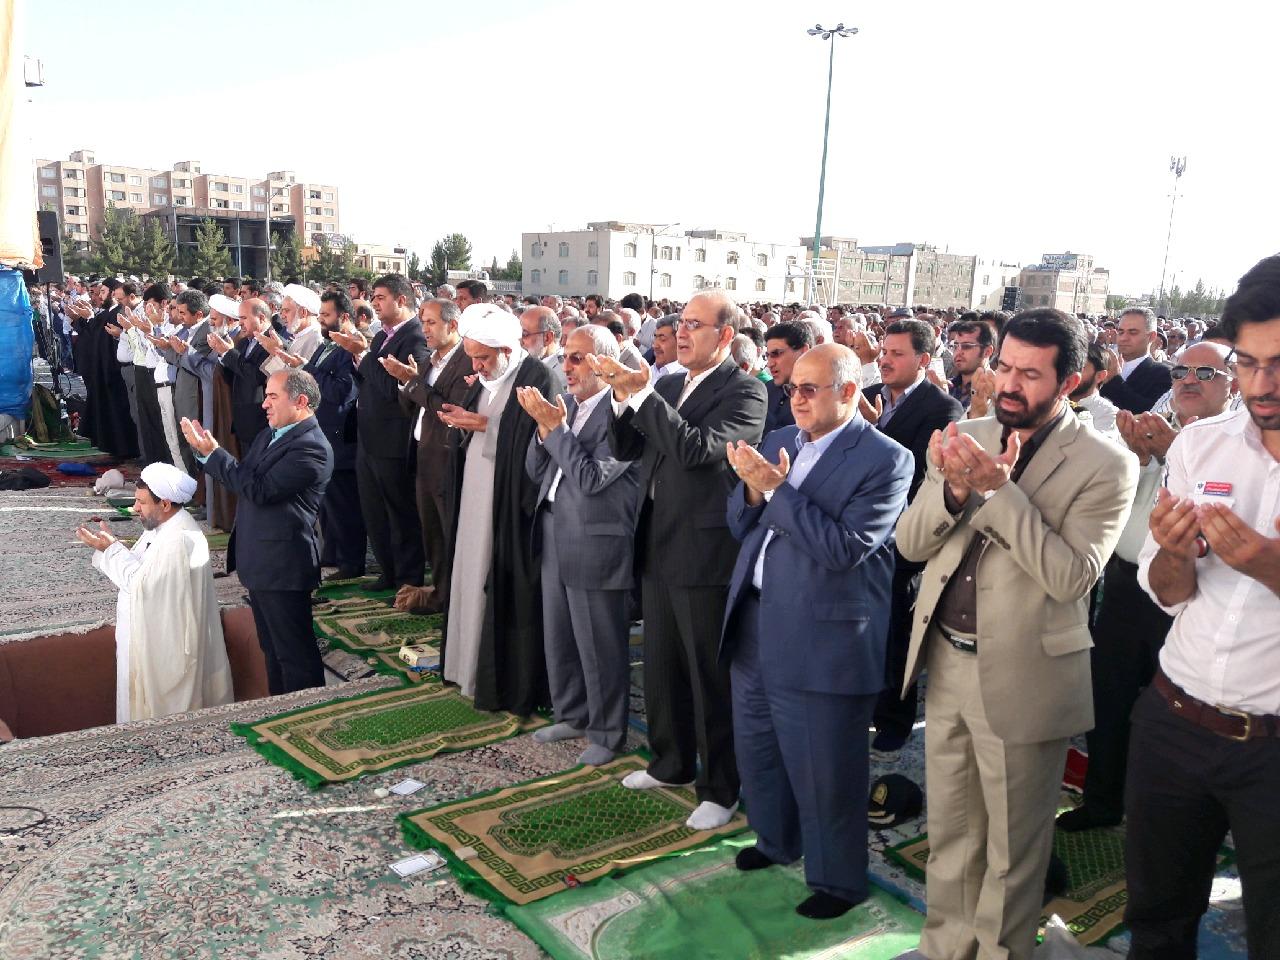 نماز باشکوه عید فطر درمصلی های نماز سراسراستان کرمان برگزار شد+تصاویر